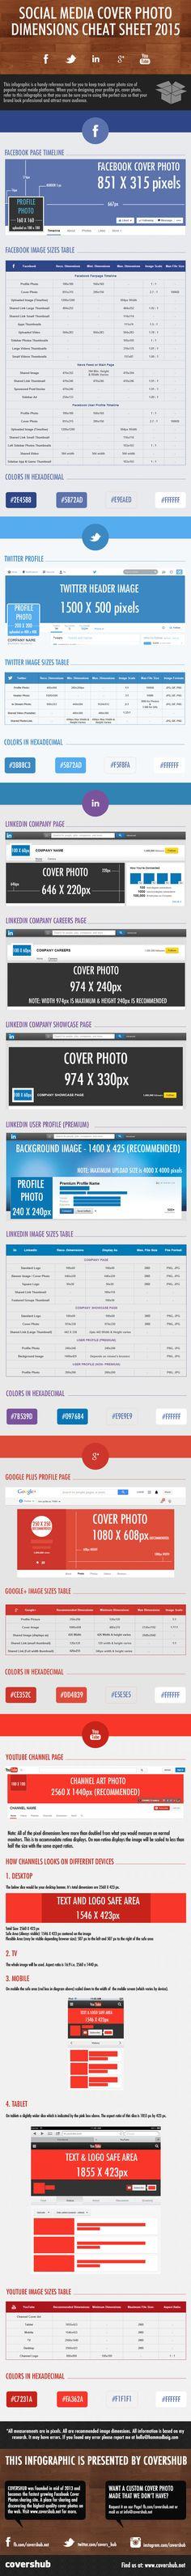 Una infografía sobre las Imágenes de los perfiles en Redes Sociales 2015.